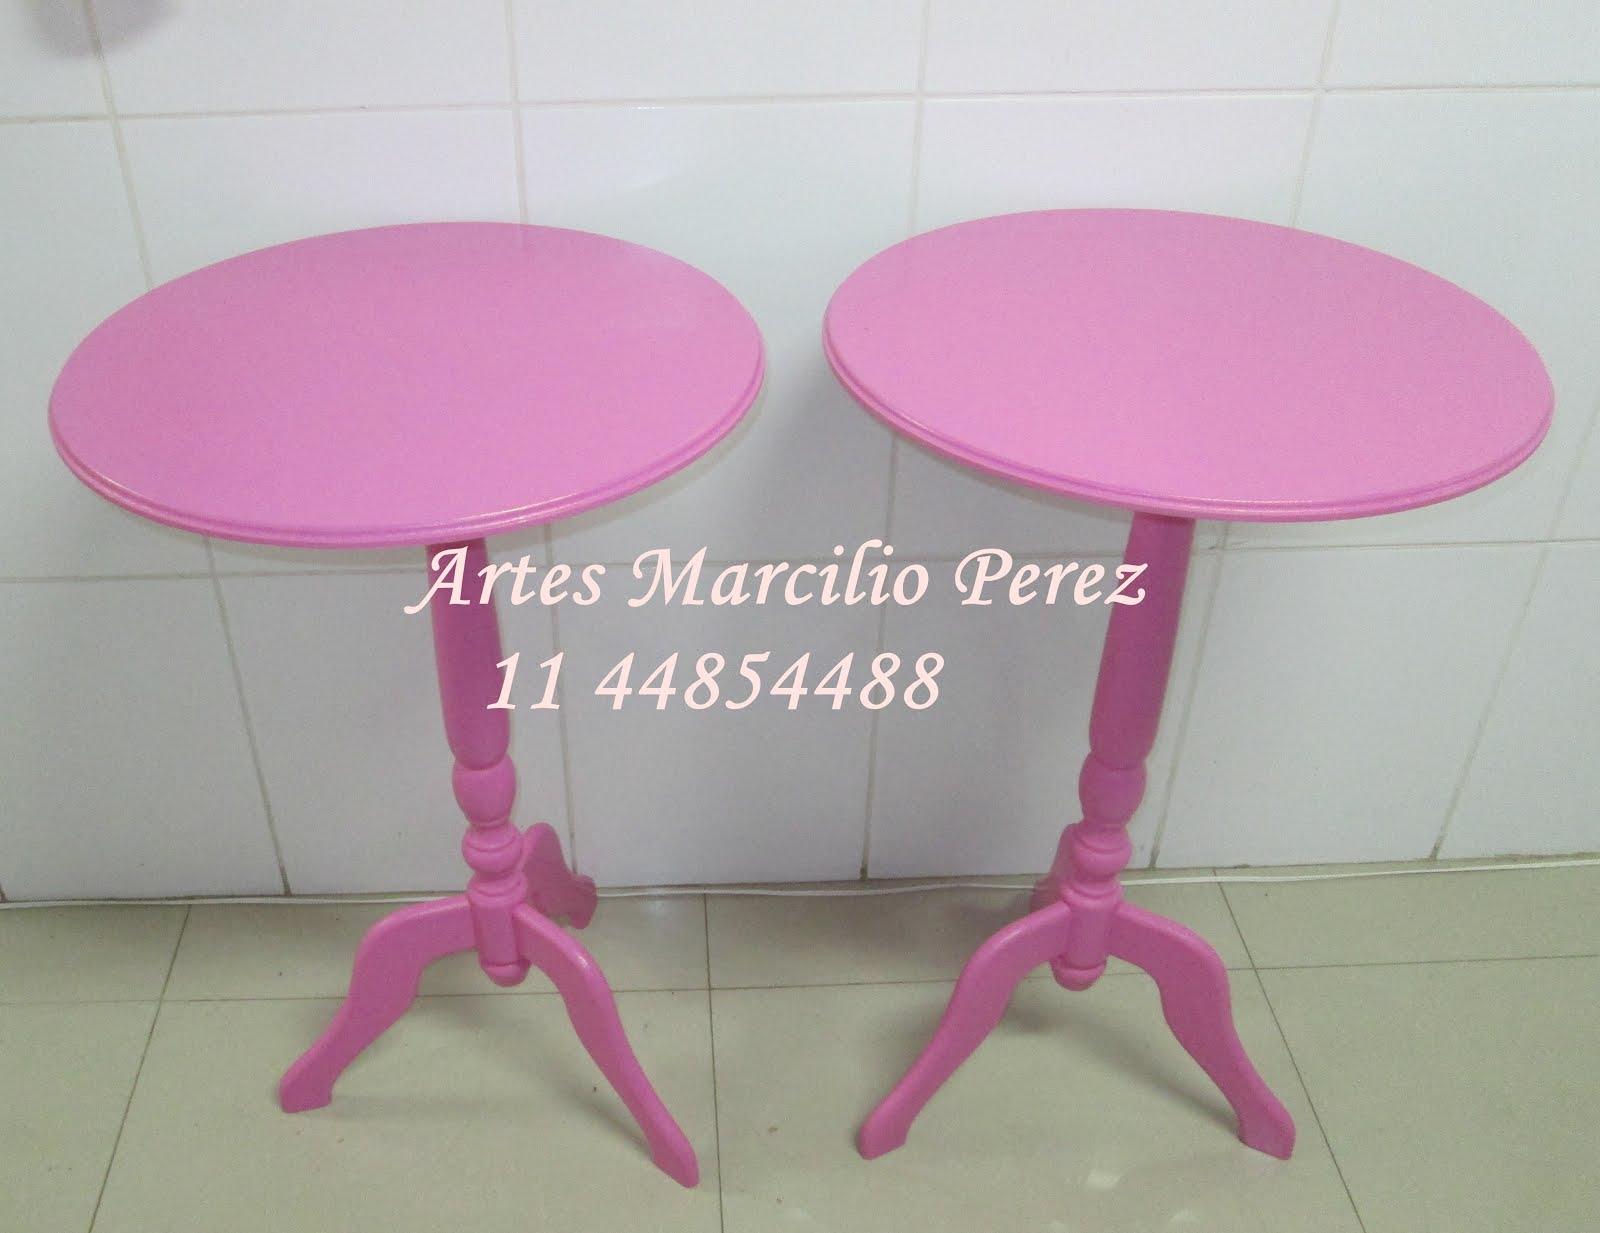 Mesinha rosa pé torneado R$ 170,00 cada  medidas 80 Ax 52 de diametro